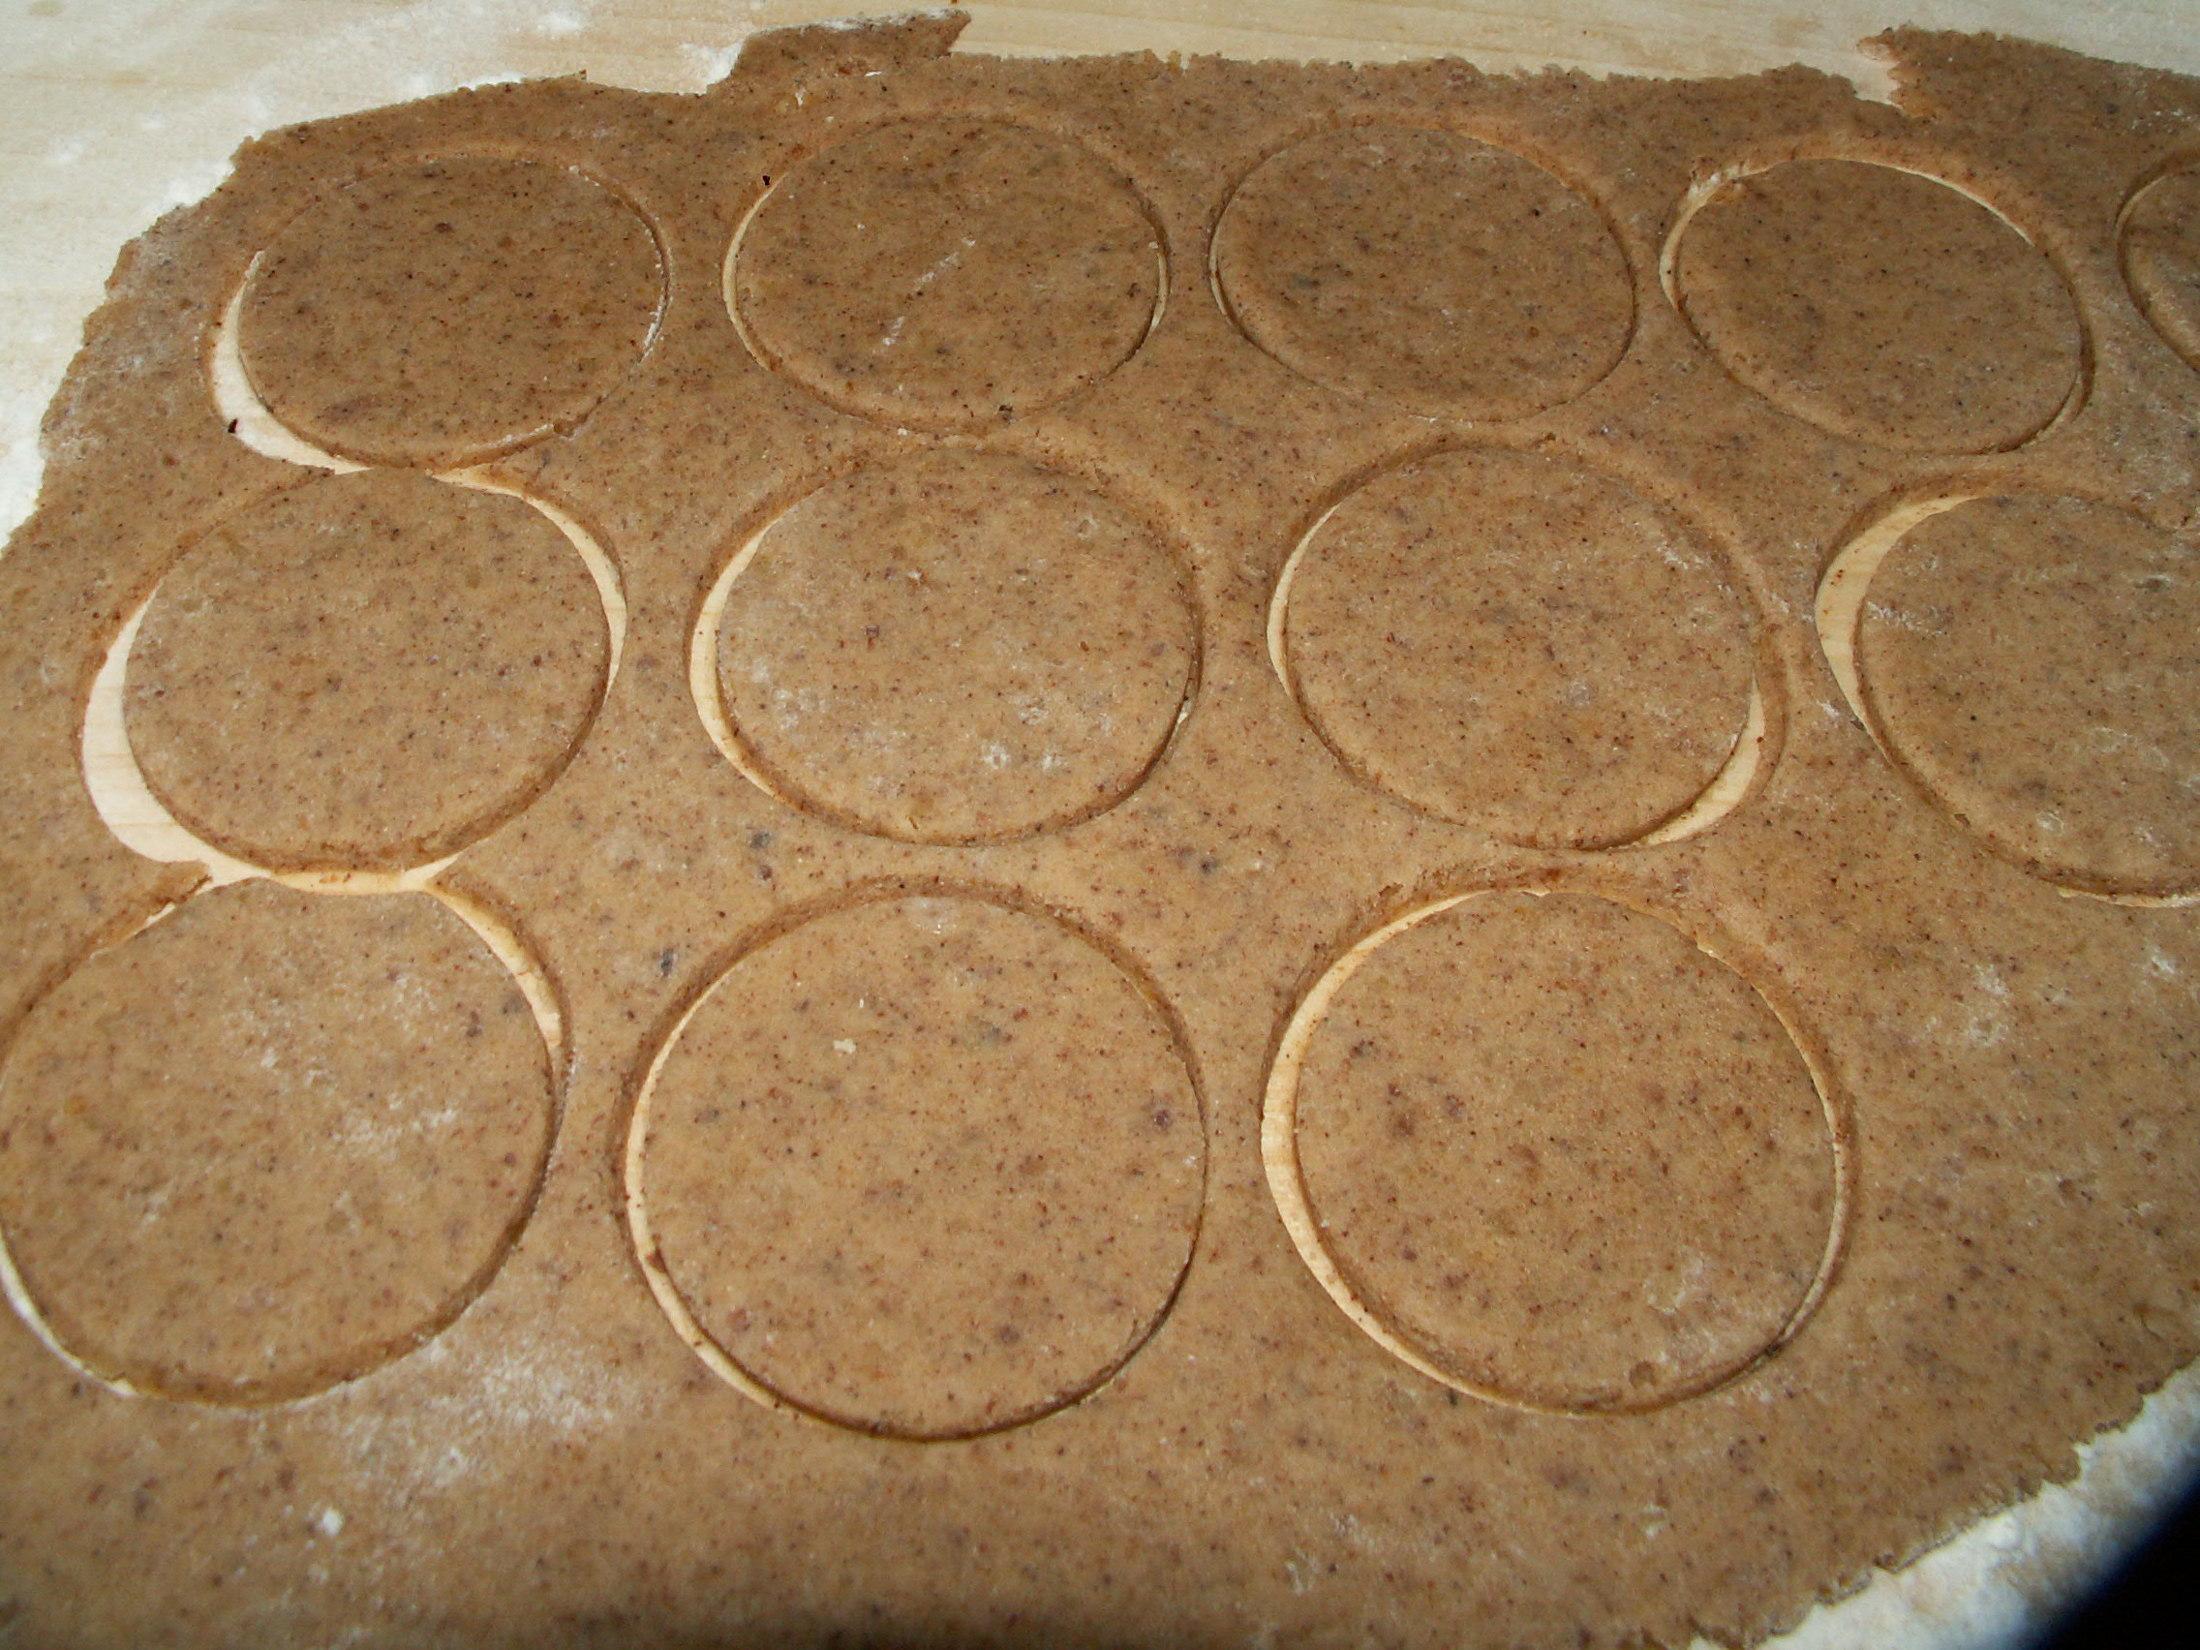 Recept Košíčky s ořechovou náplní - Vykrajím si kolečka, která vkládám do formiček, Odpadne náročné tlačení těsta do formiček.